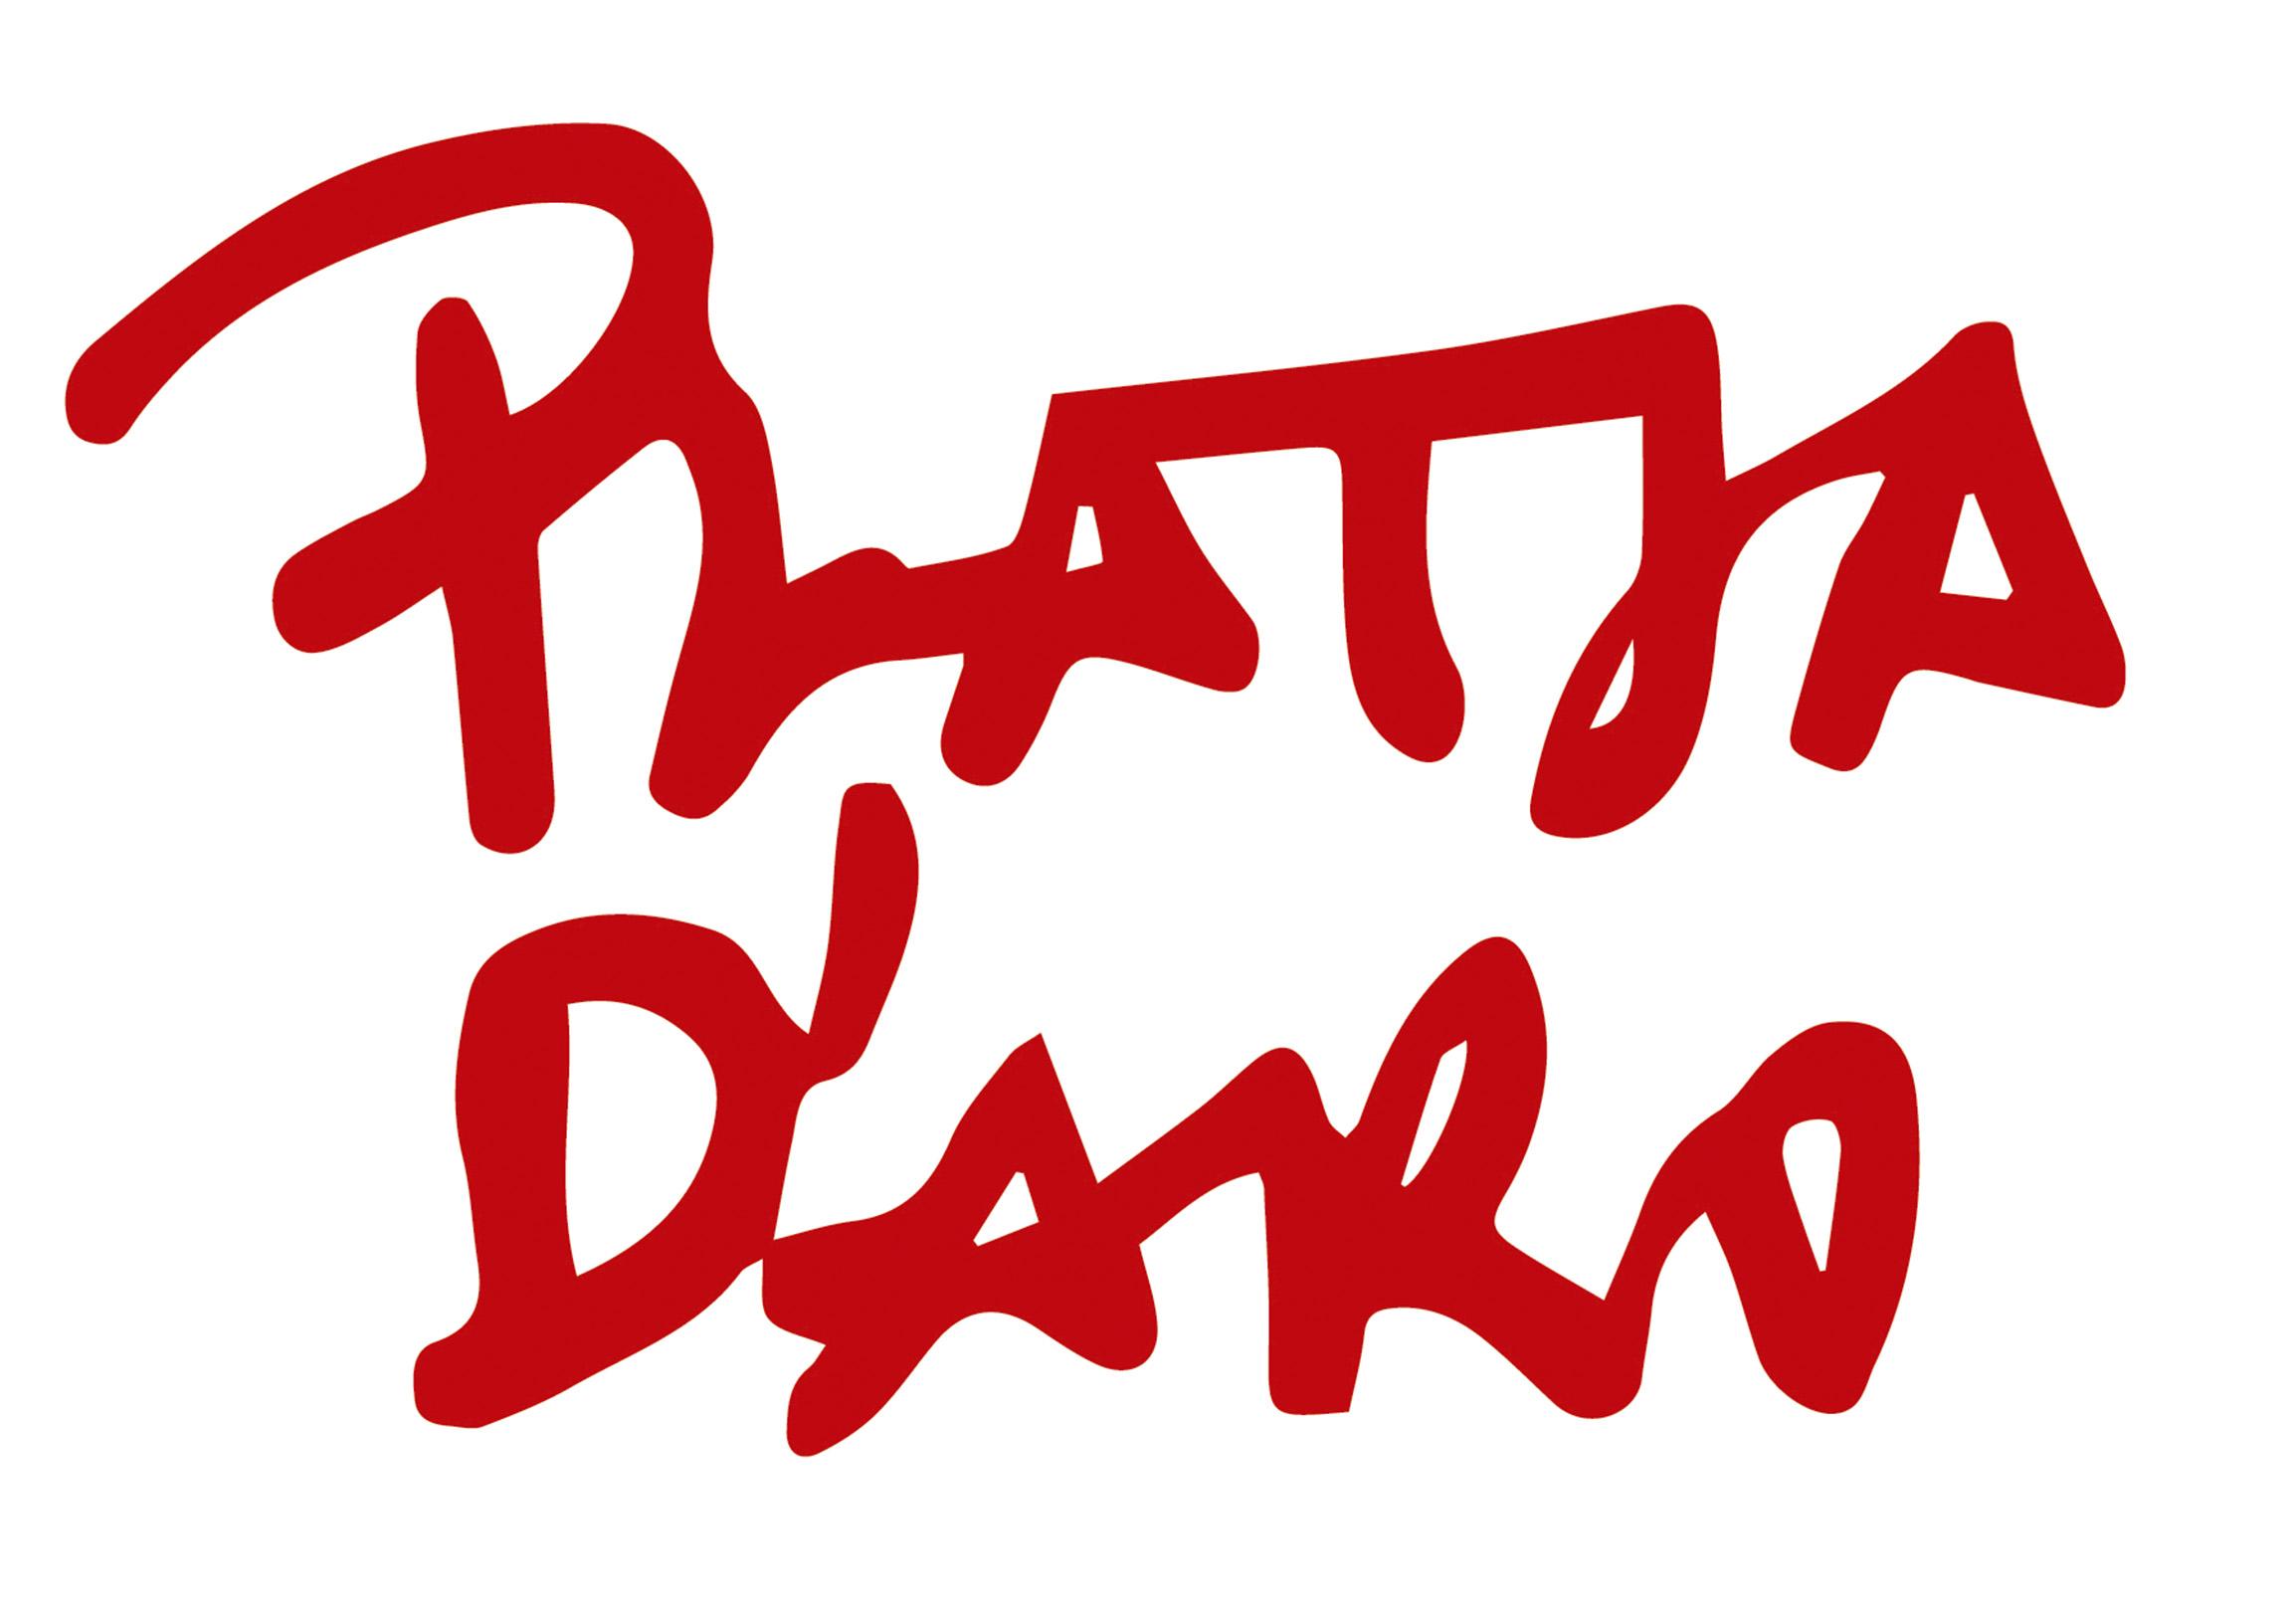 PlatjadAro